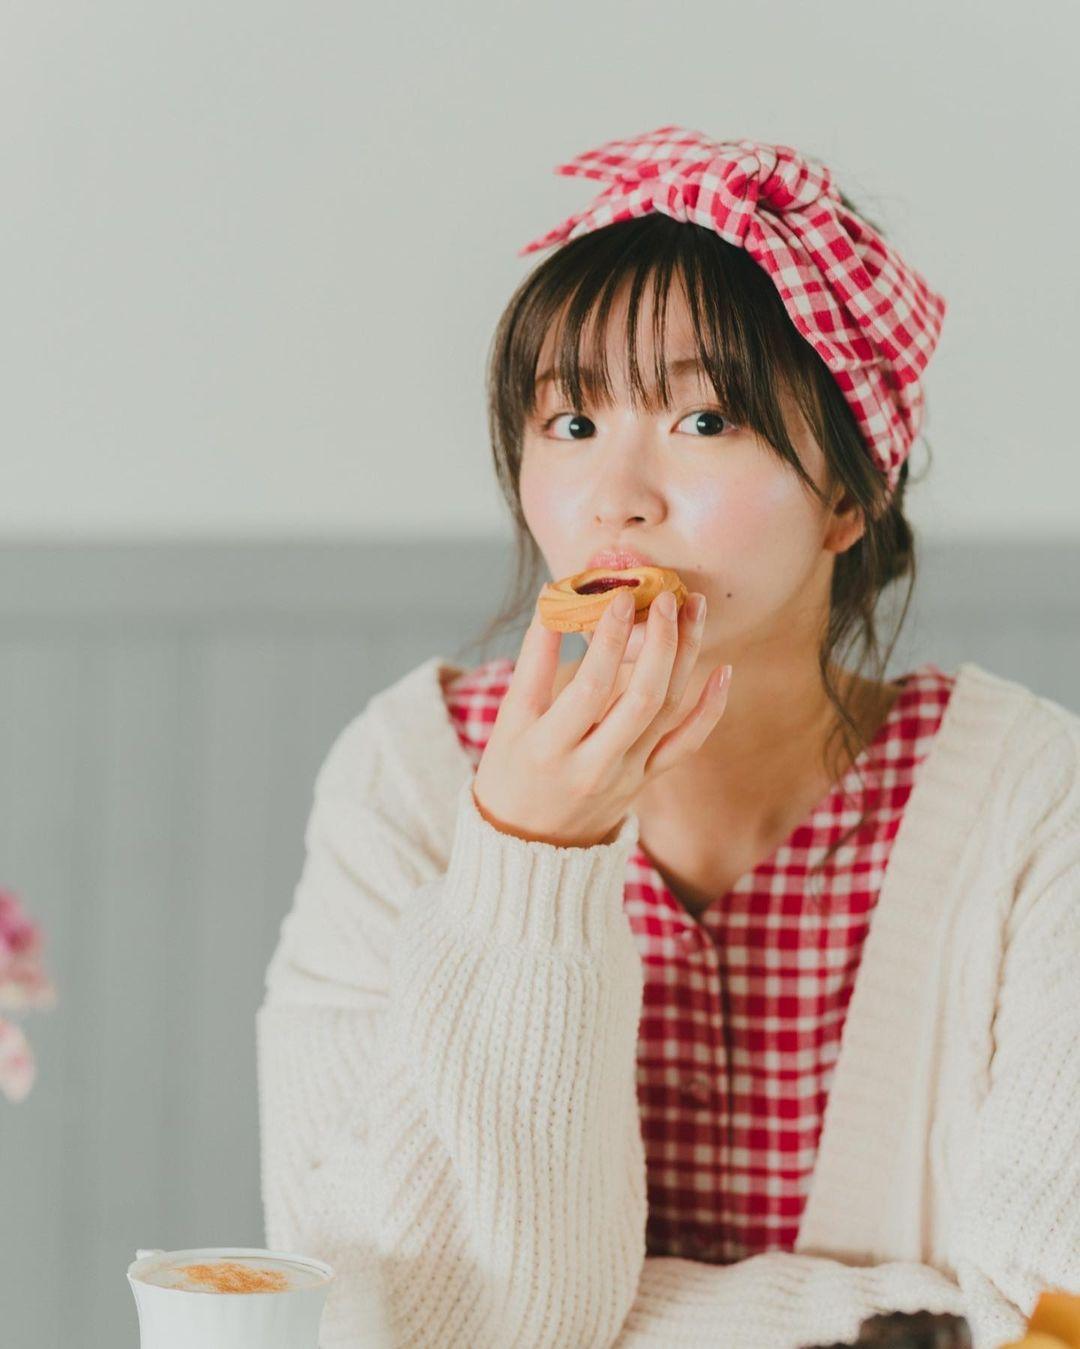 日系时尚杂志模特冈崎纱绘清甜笑容亲和力十足完全就是女友理想型 网络美女 第19张